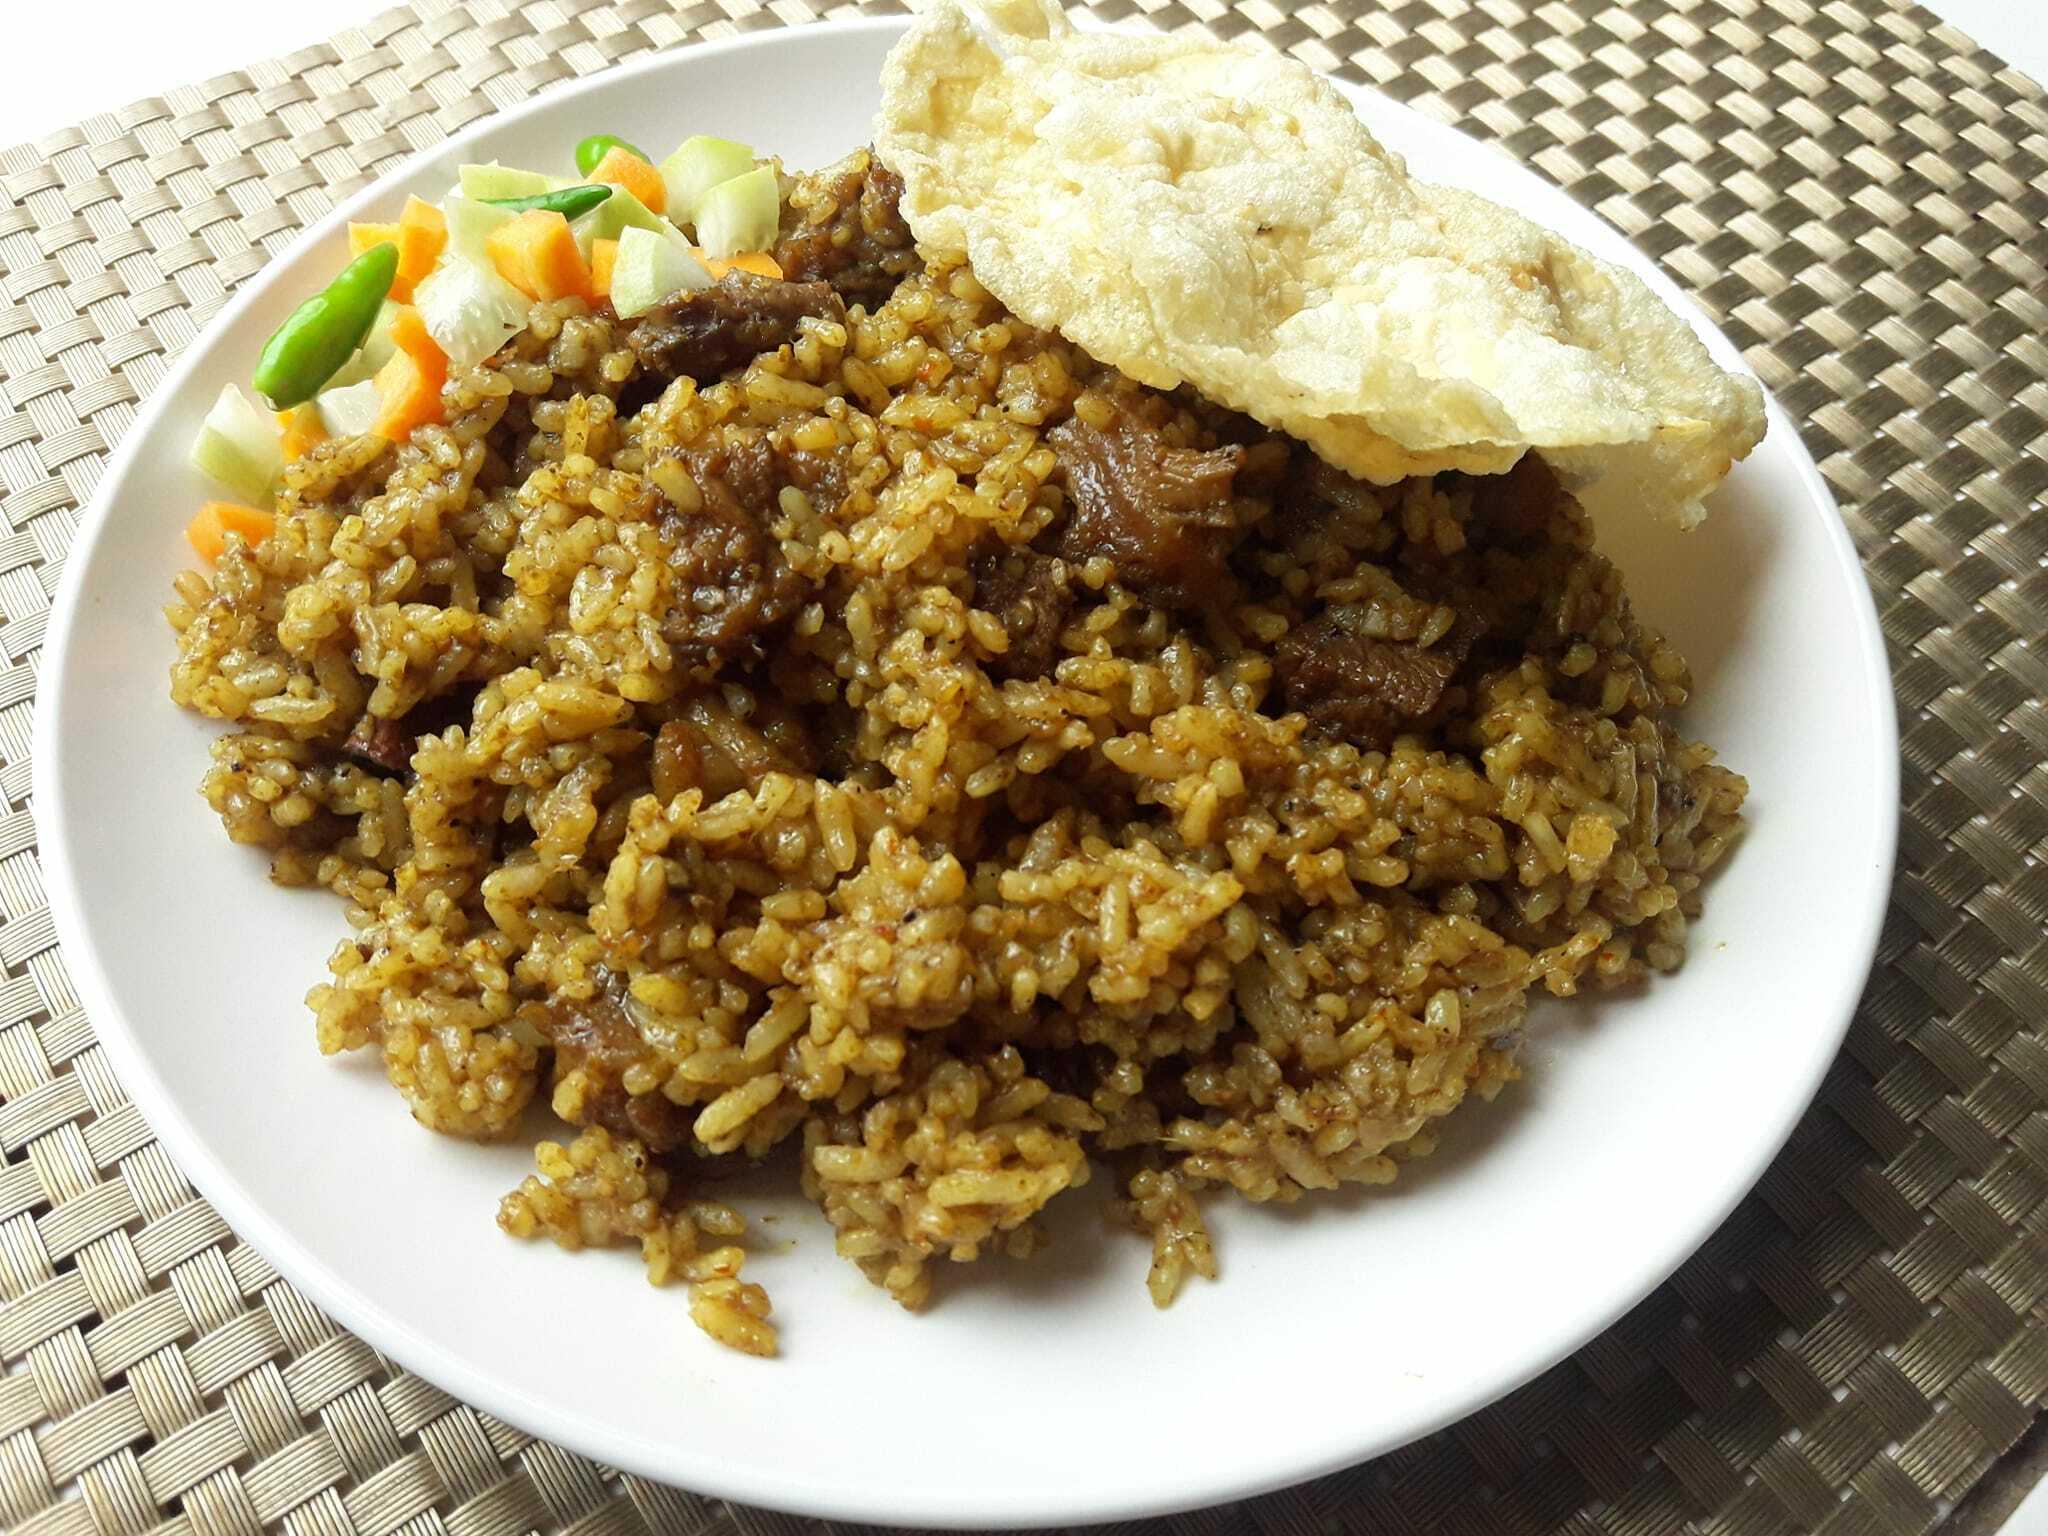 resep Nasi Goreng Kambing ala Kebon Sirih by Nia Nopralena